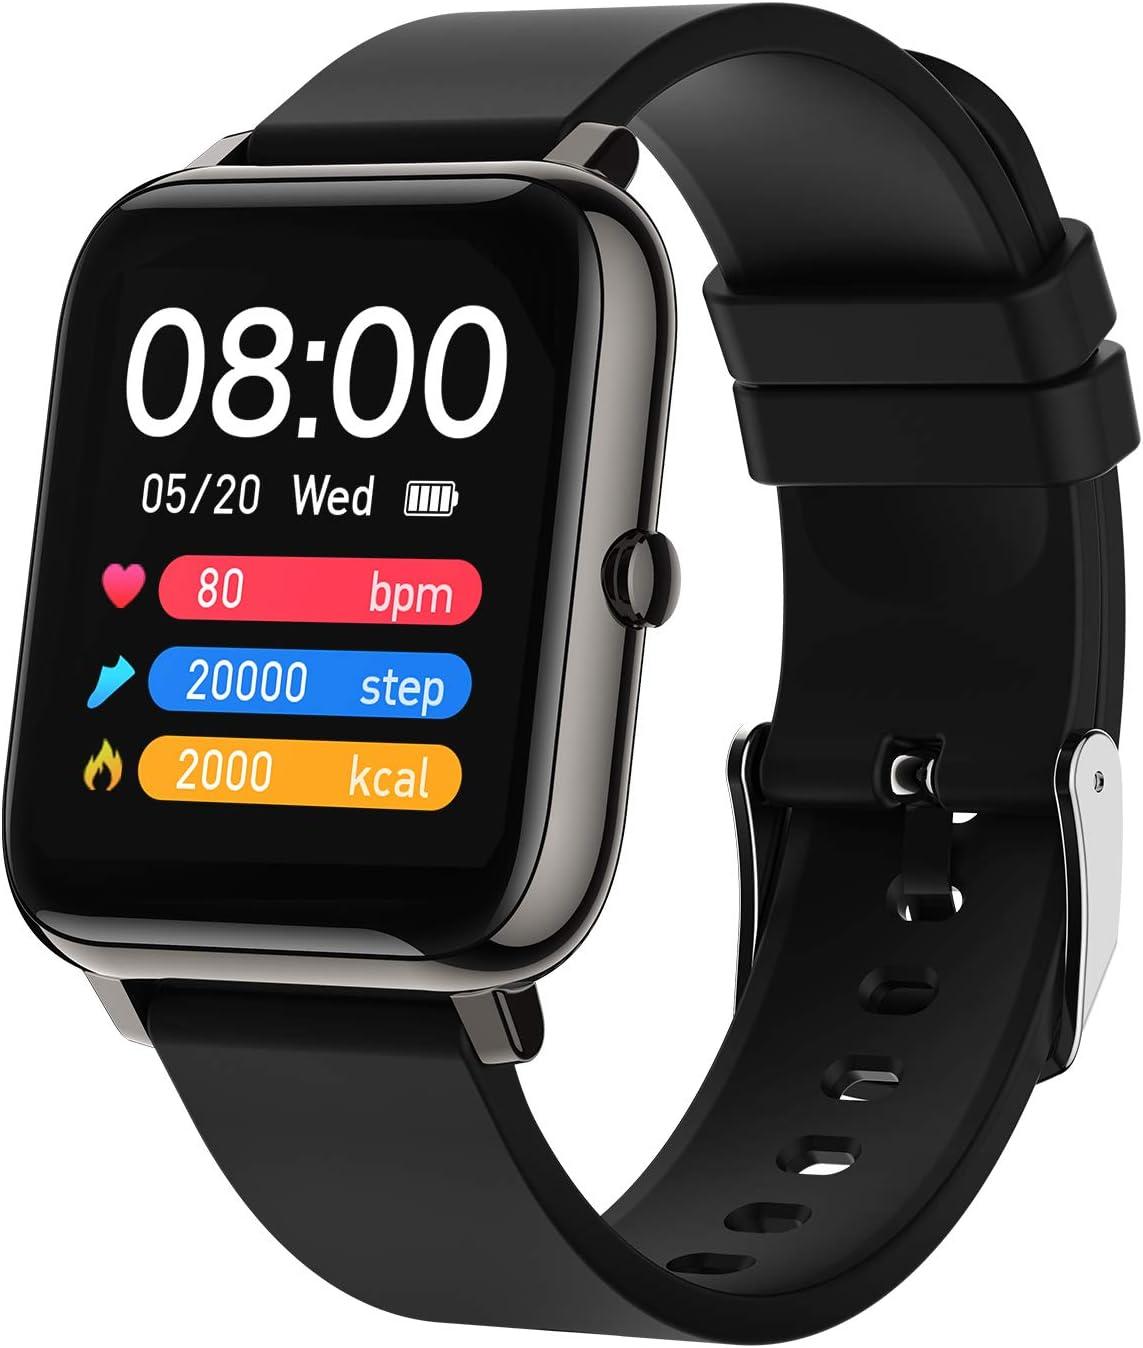 BOZLUN Smartwatch,Reloj Inteligente Impermeable IP67 para Hombre Mujer,8 Modos de Deportes y GPS,hasta 15 días de batería, 1.4 Inch Pantalla Táctil Smartwatch para Android iOS(Color Negro)